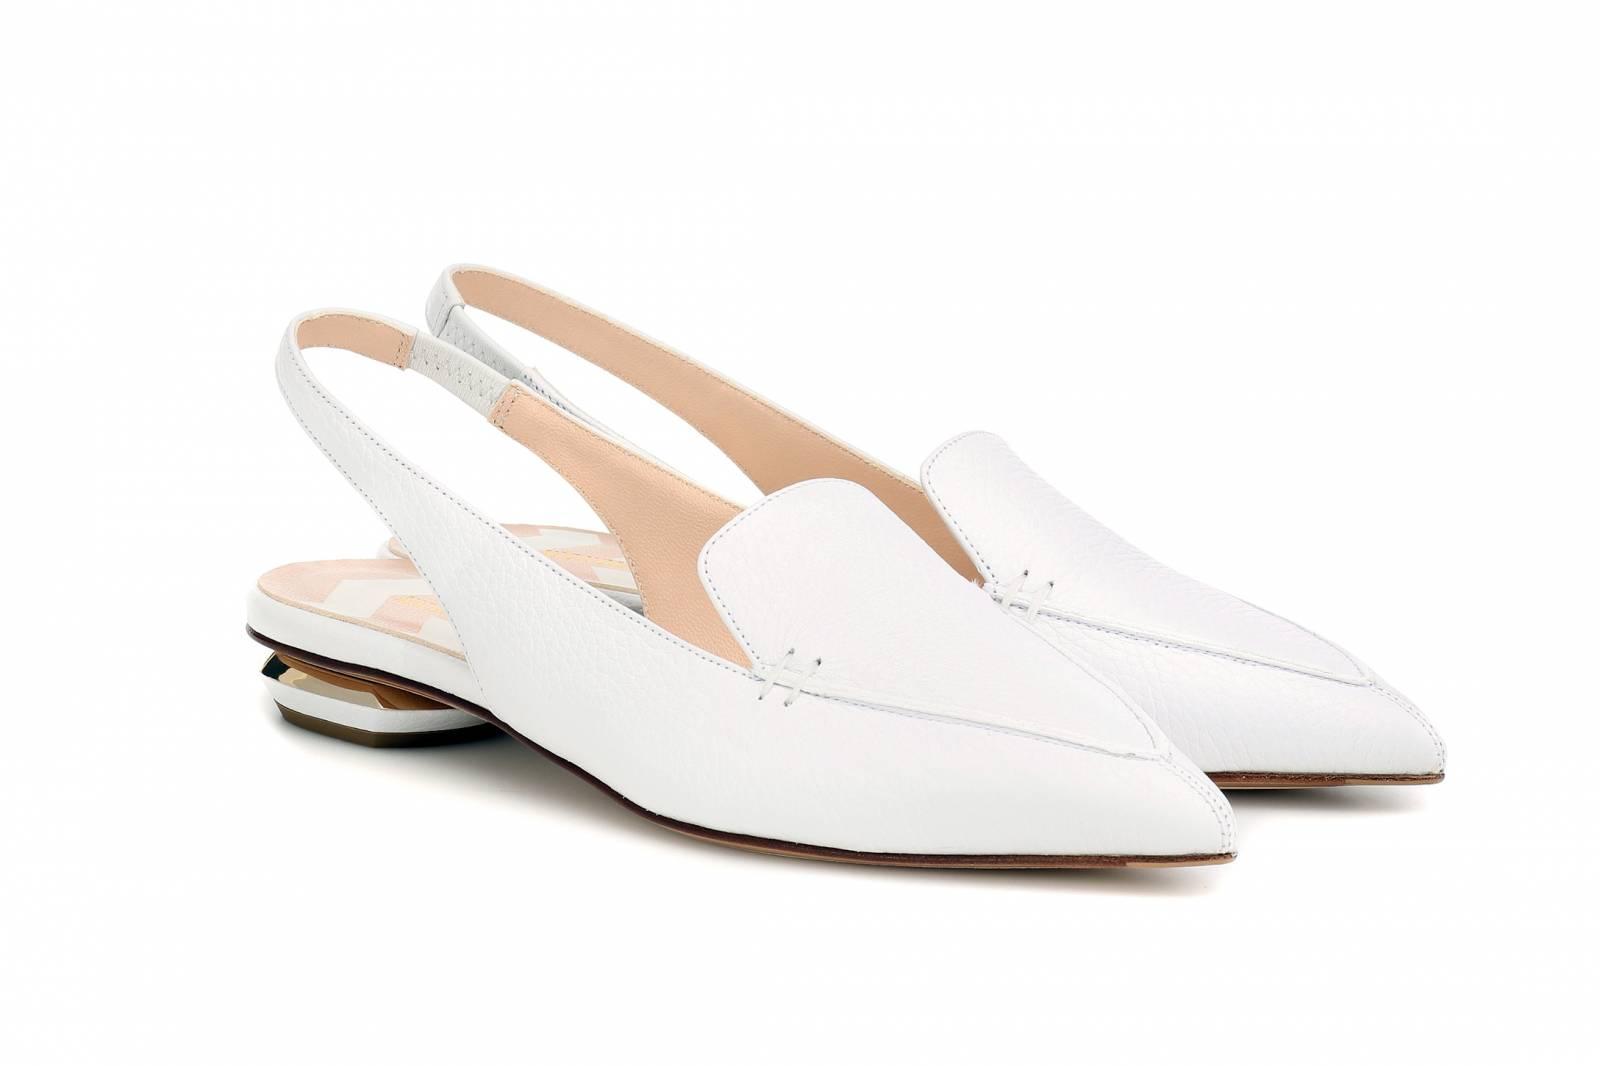 Chaussures 2019 De Soldes Les Boutiques Arrivent D'été À Dans E9HDIW2